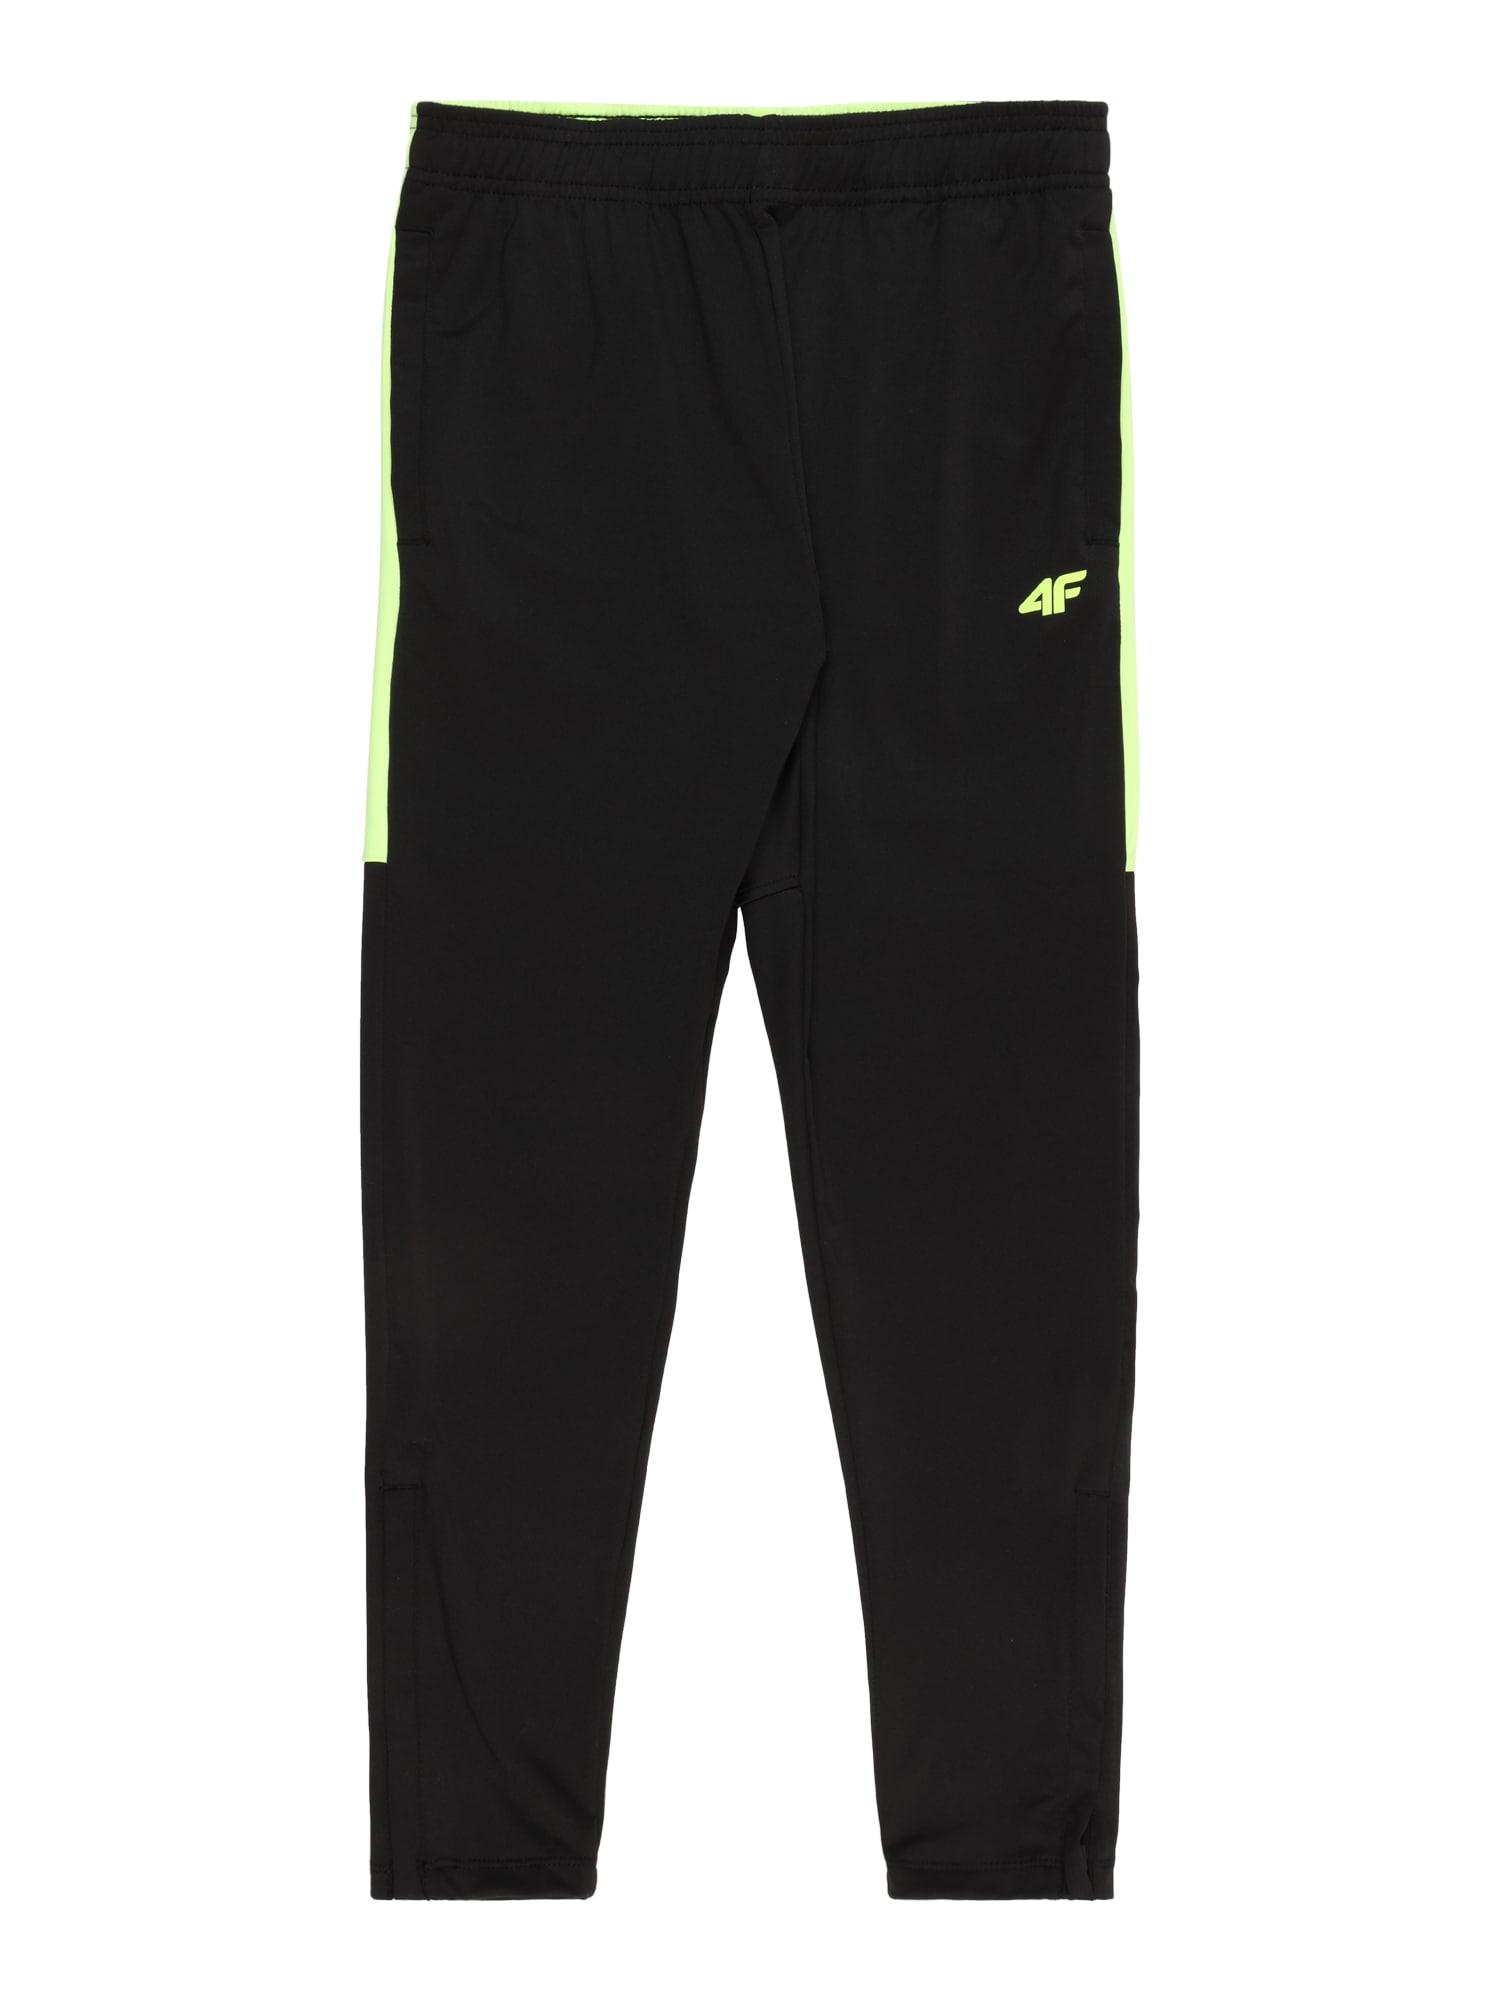 4F Sportinės kelnės juoda / neoninė žalia